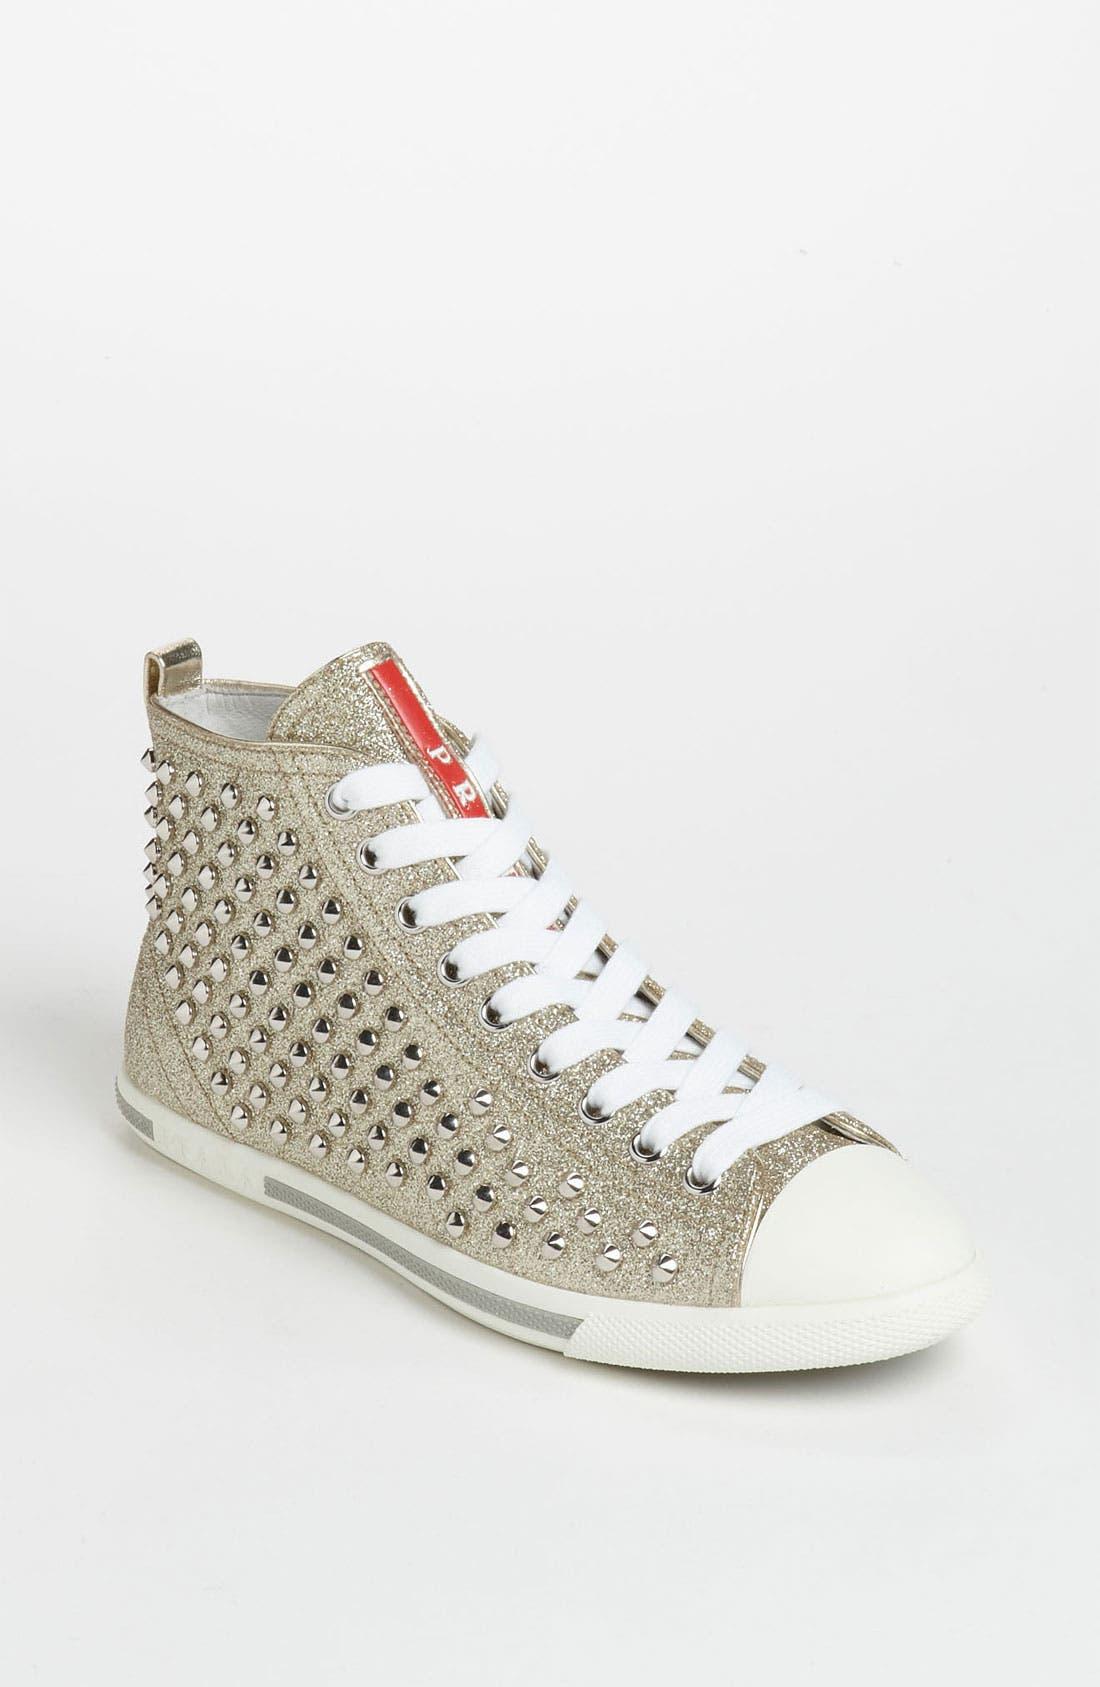 Alternate Image 1 Selected - Prada High Top Sneaker